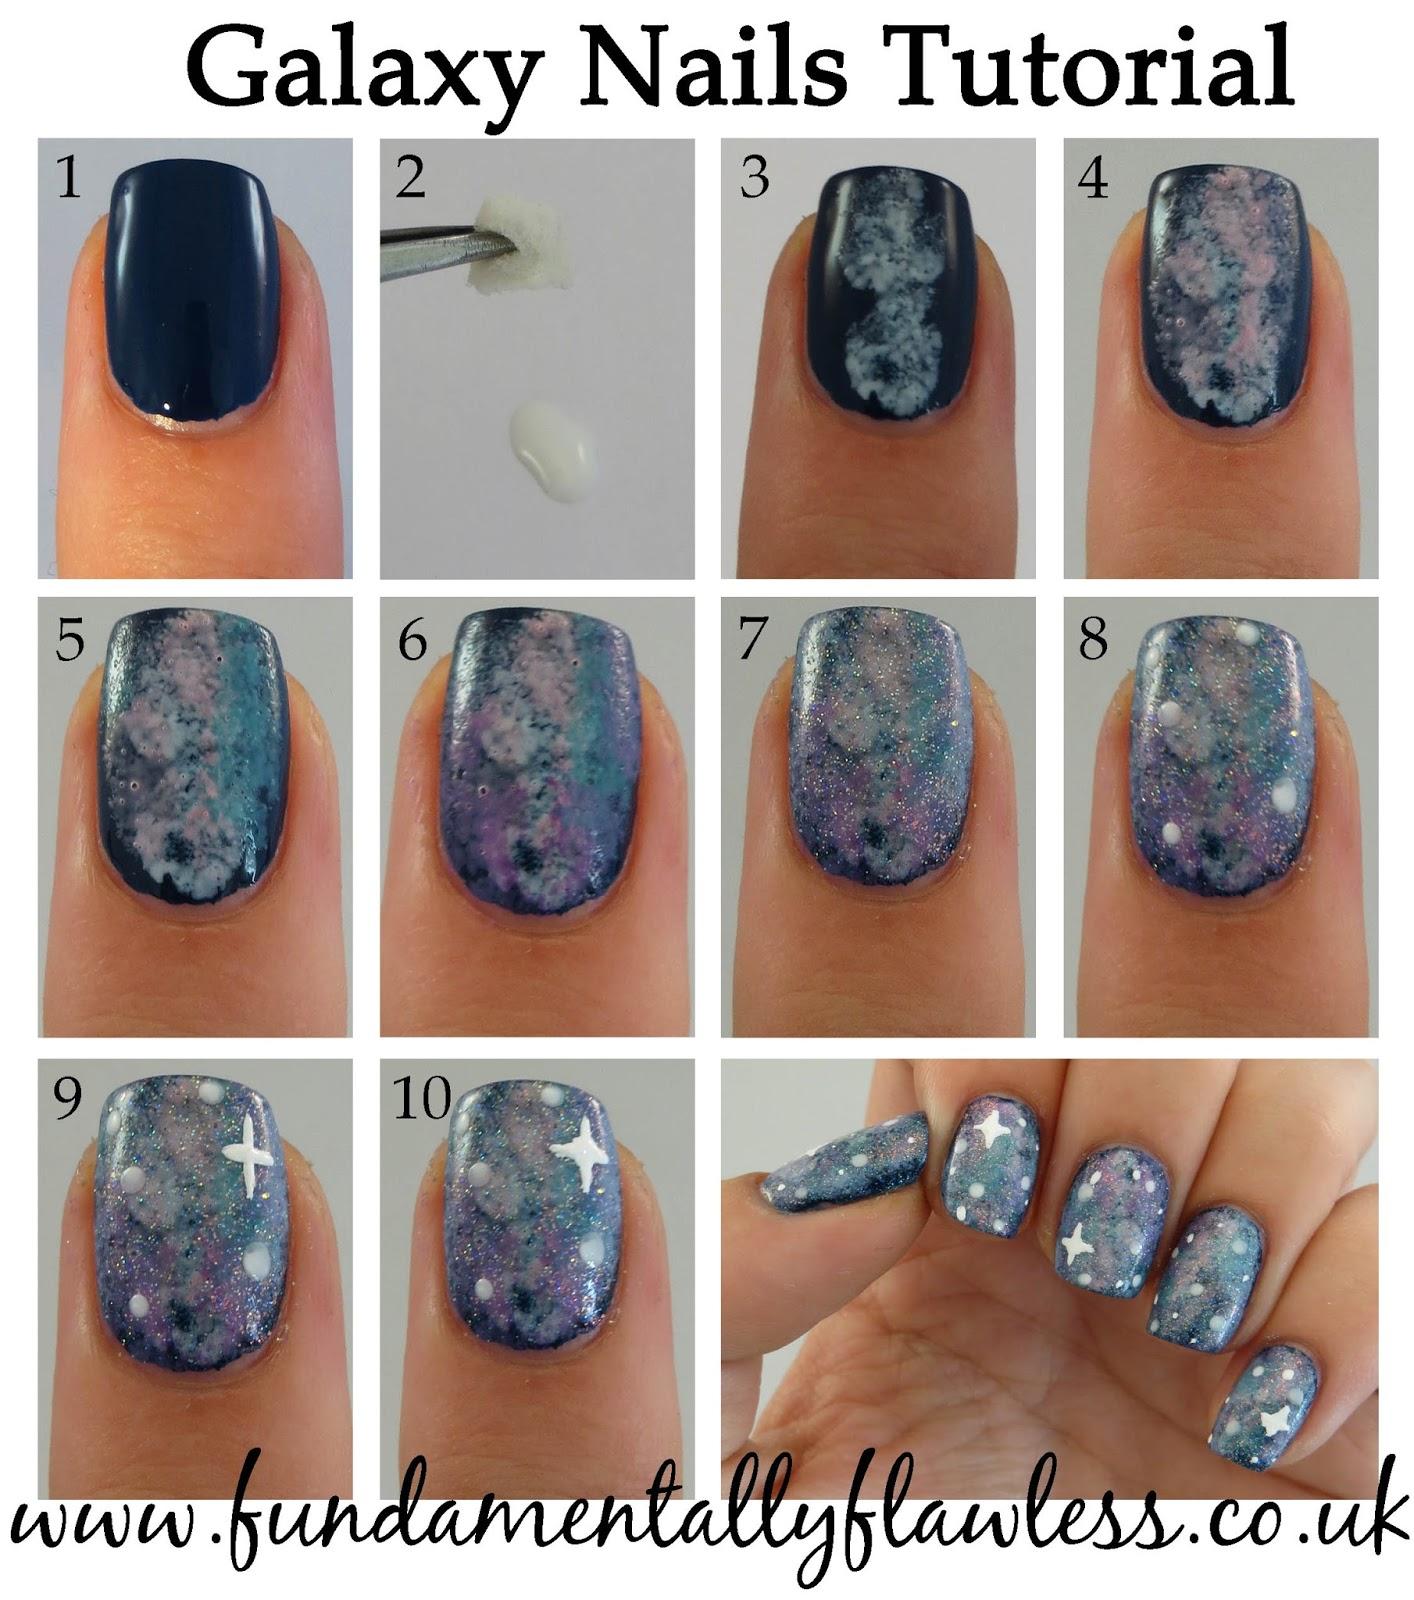 Galaxy Nails Tutorial: Fundamentally Flawless: Galaxy Nails Tutorial